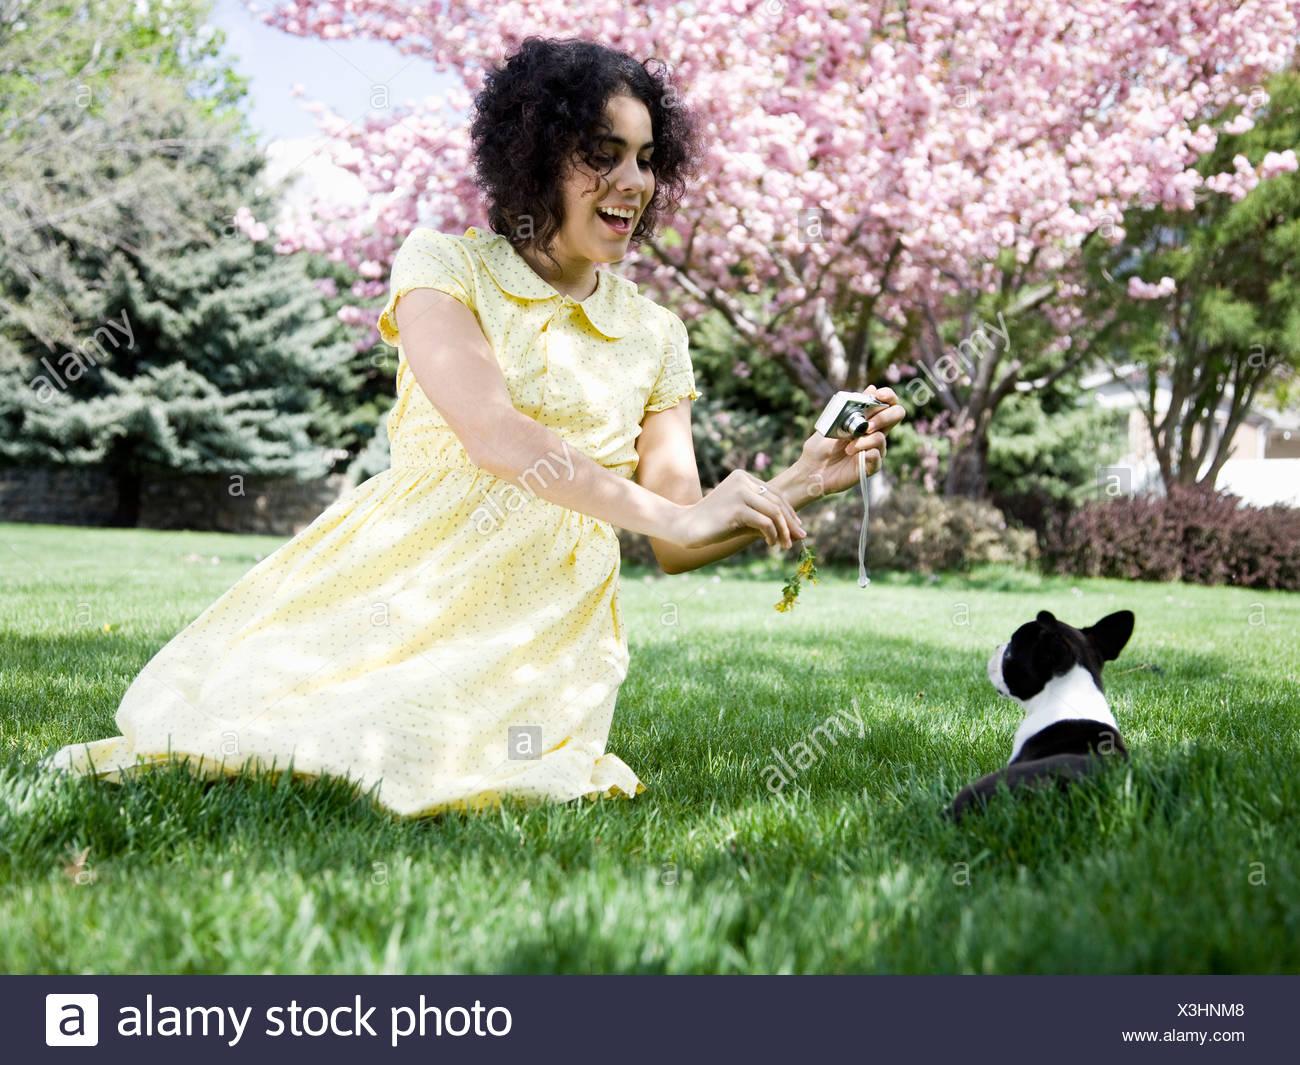 Frau in einem gelben Kleid fotografieren Stockbild